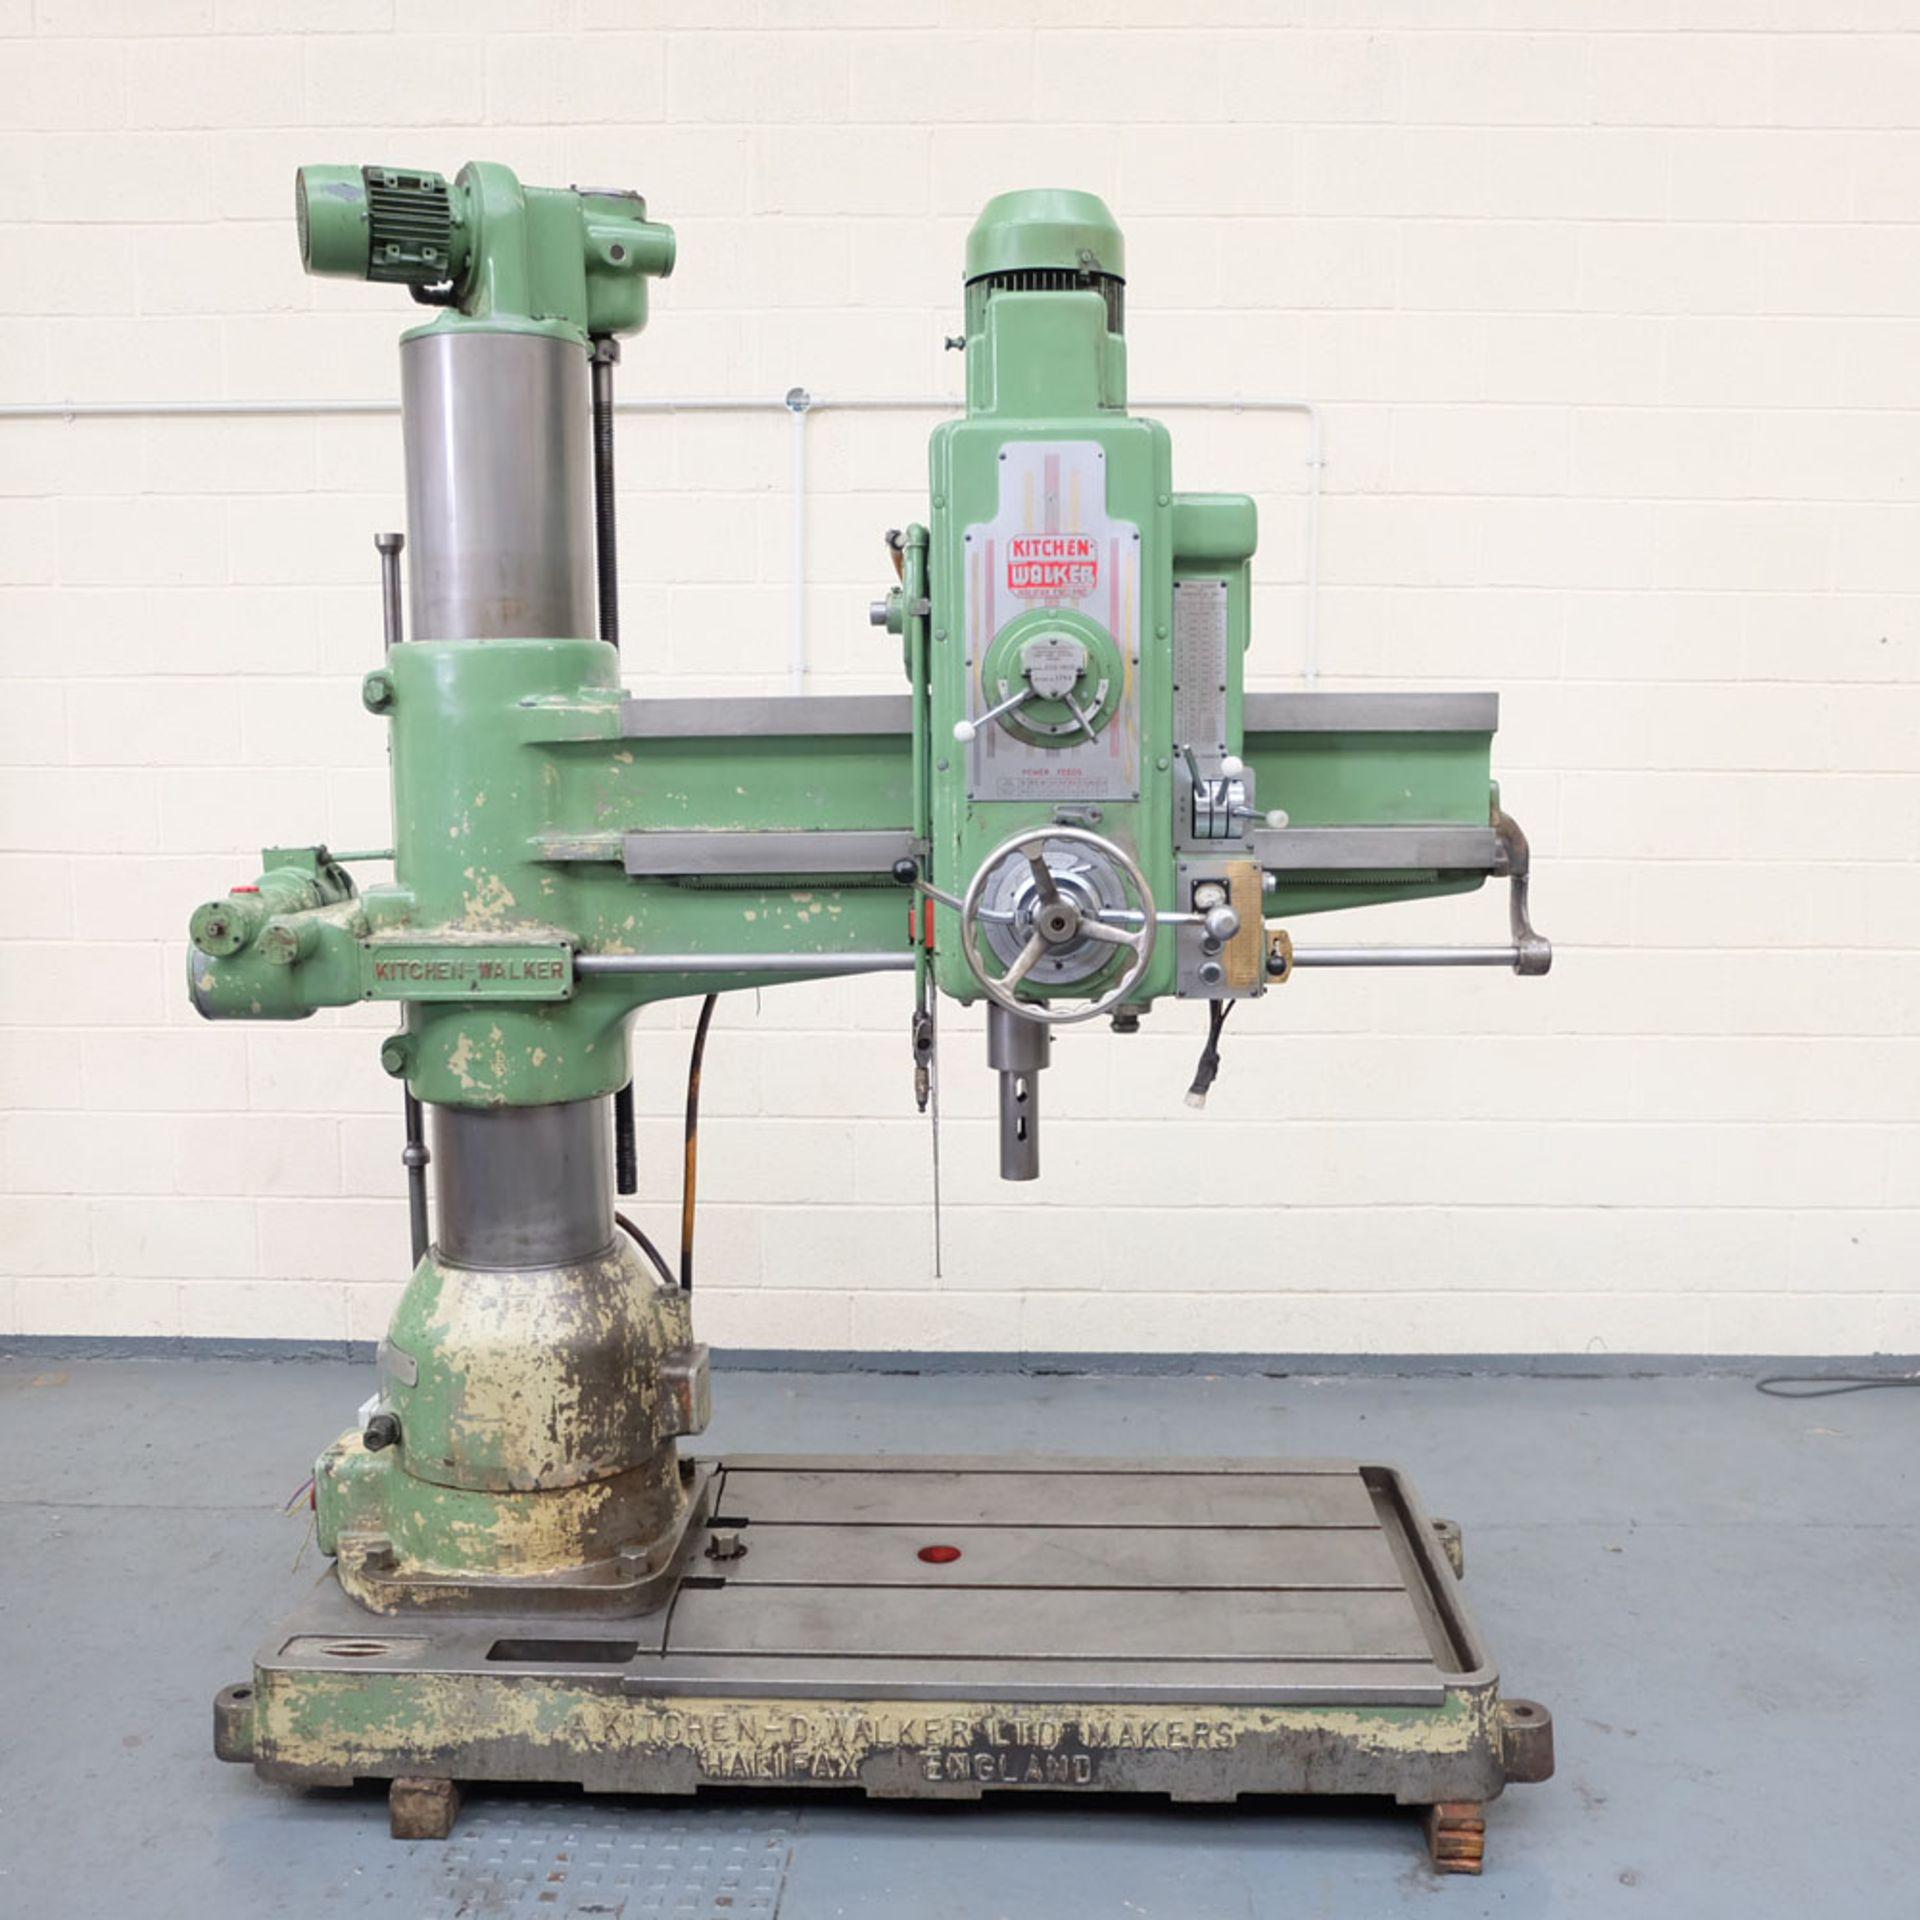 Kitchen-Walker Model E50-1400 4 1/2 FT Radial Alarm Drill.